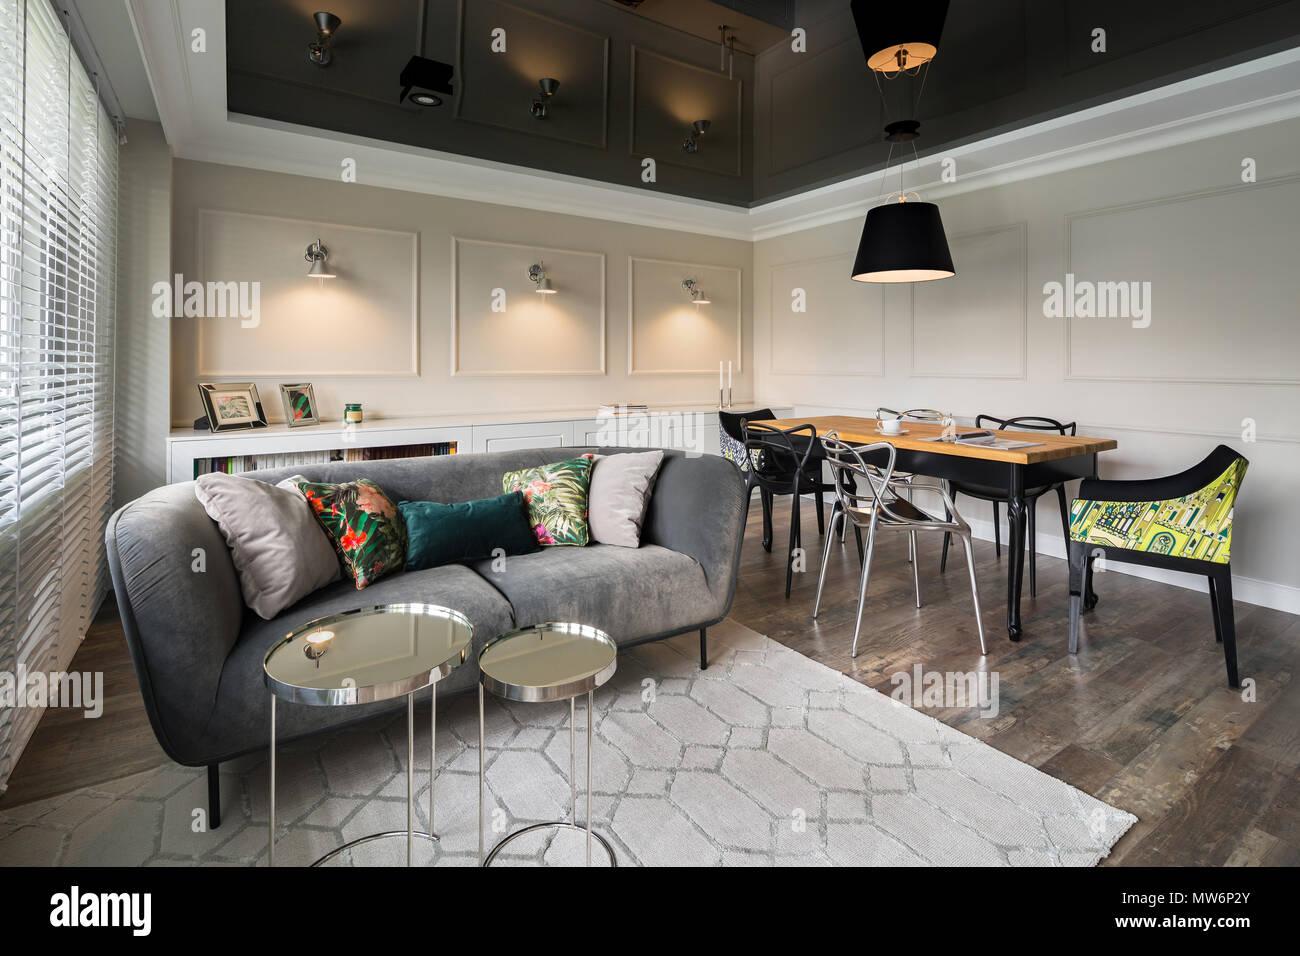 Pareti Beige E Grigio : Soggiorno con divano grigio pareti beige e nero soffitto stretch